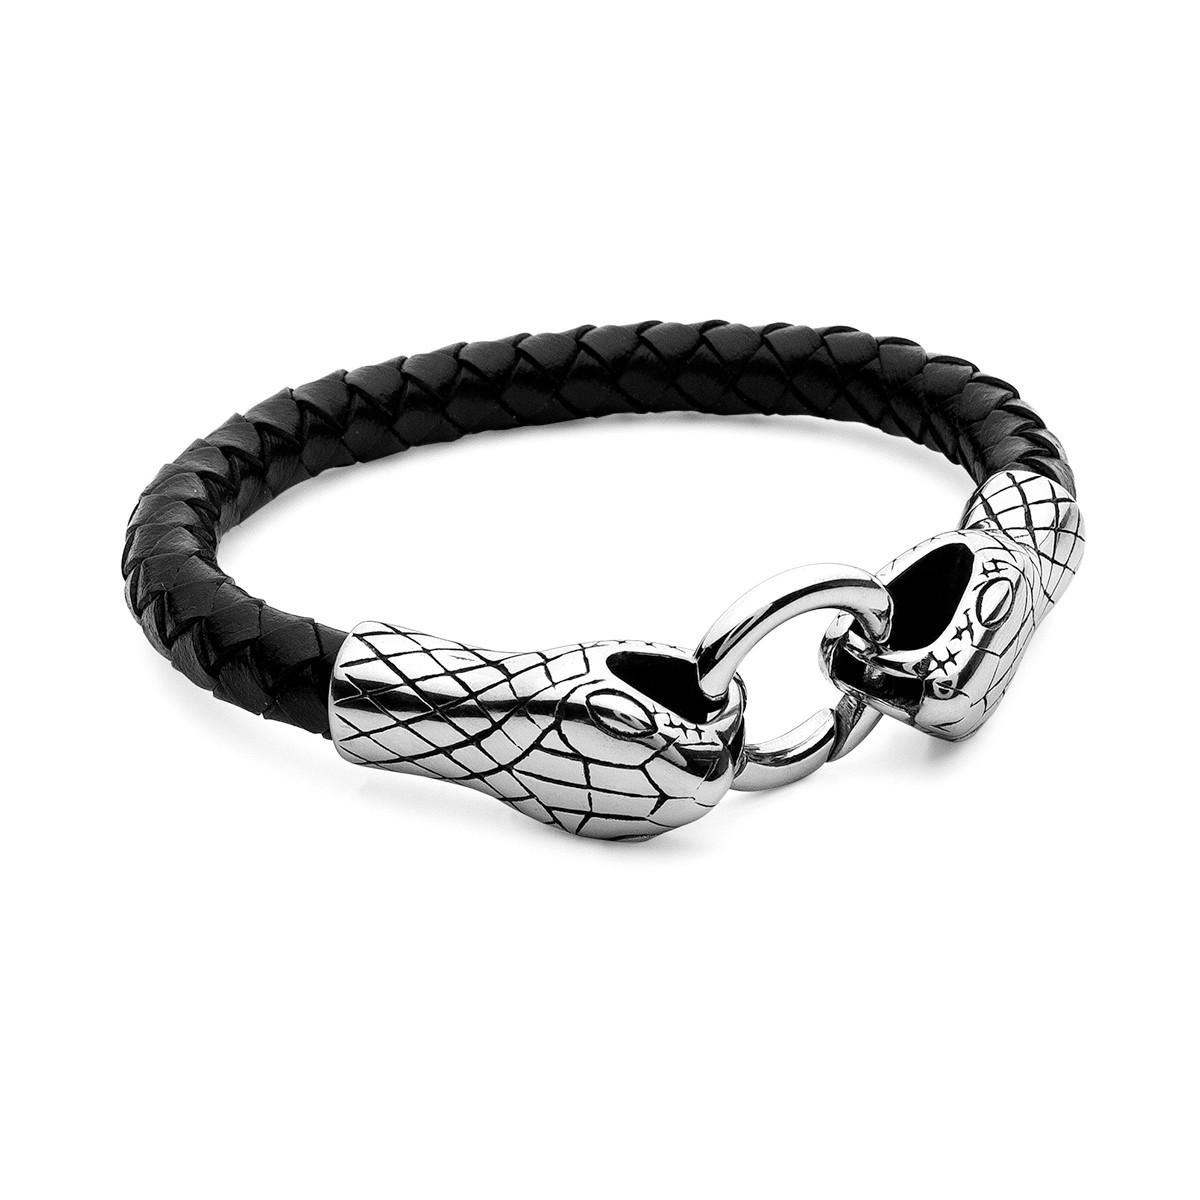 Schlange armband, stahl - modell 019